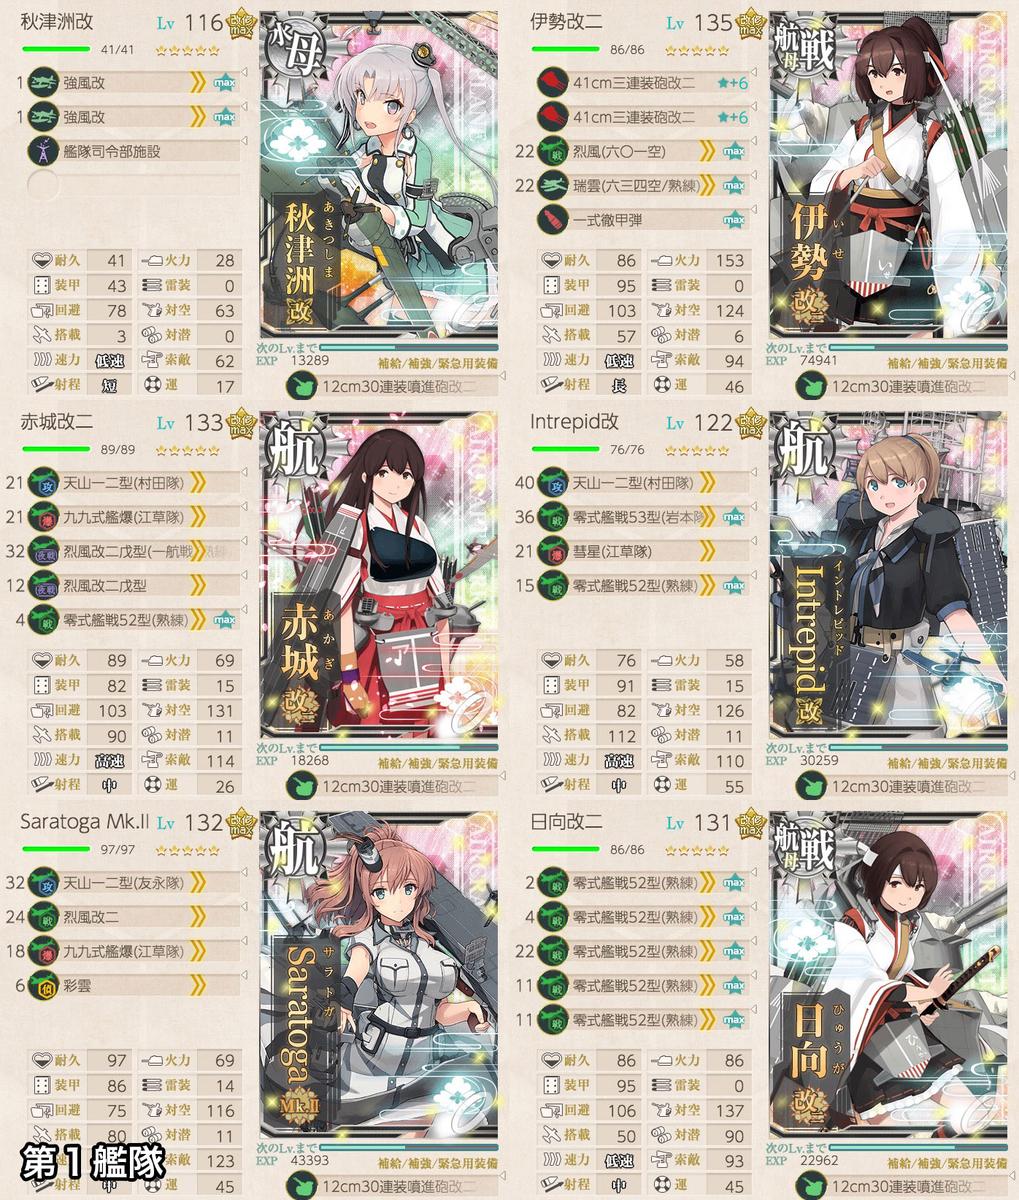 f:id:nameless_admiral:20200307134611j:plain